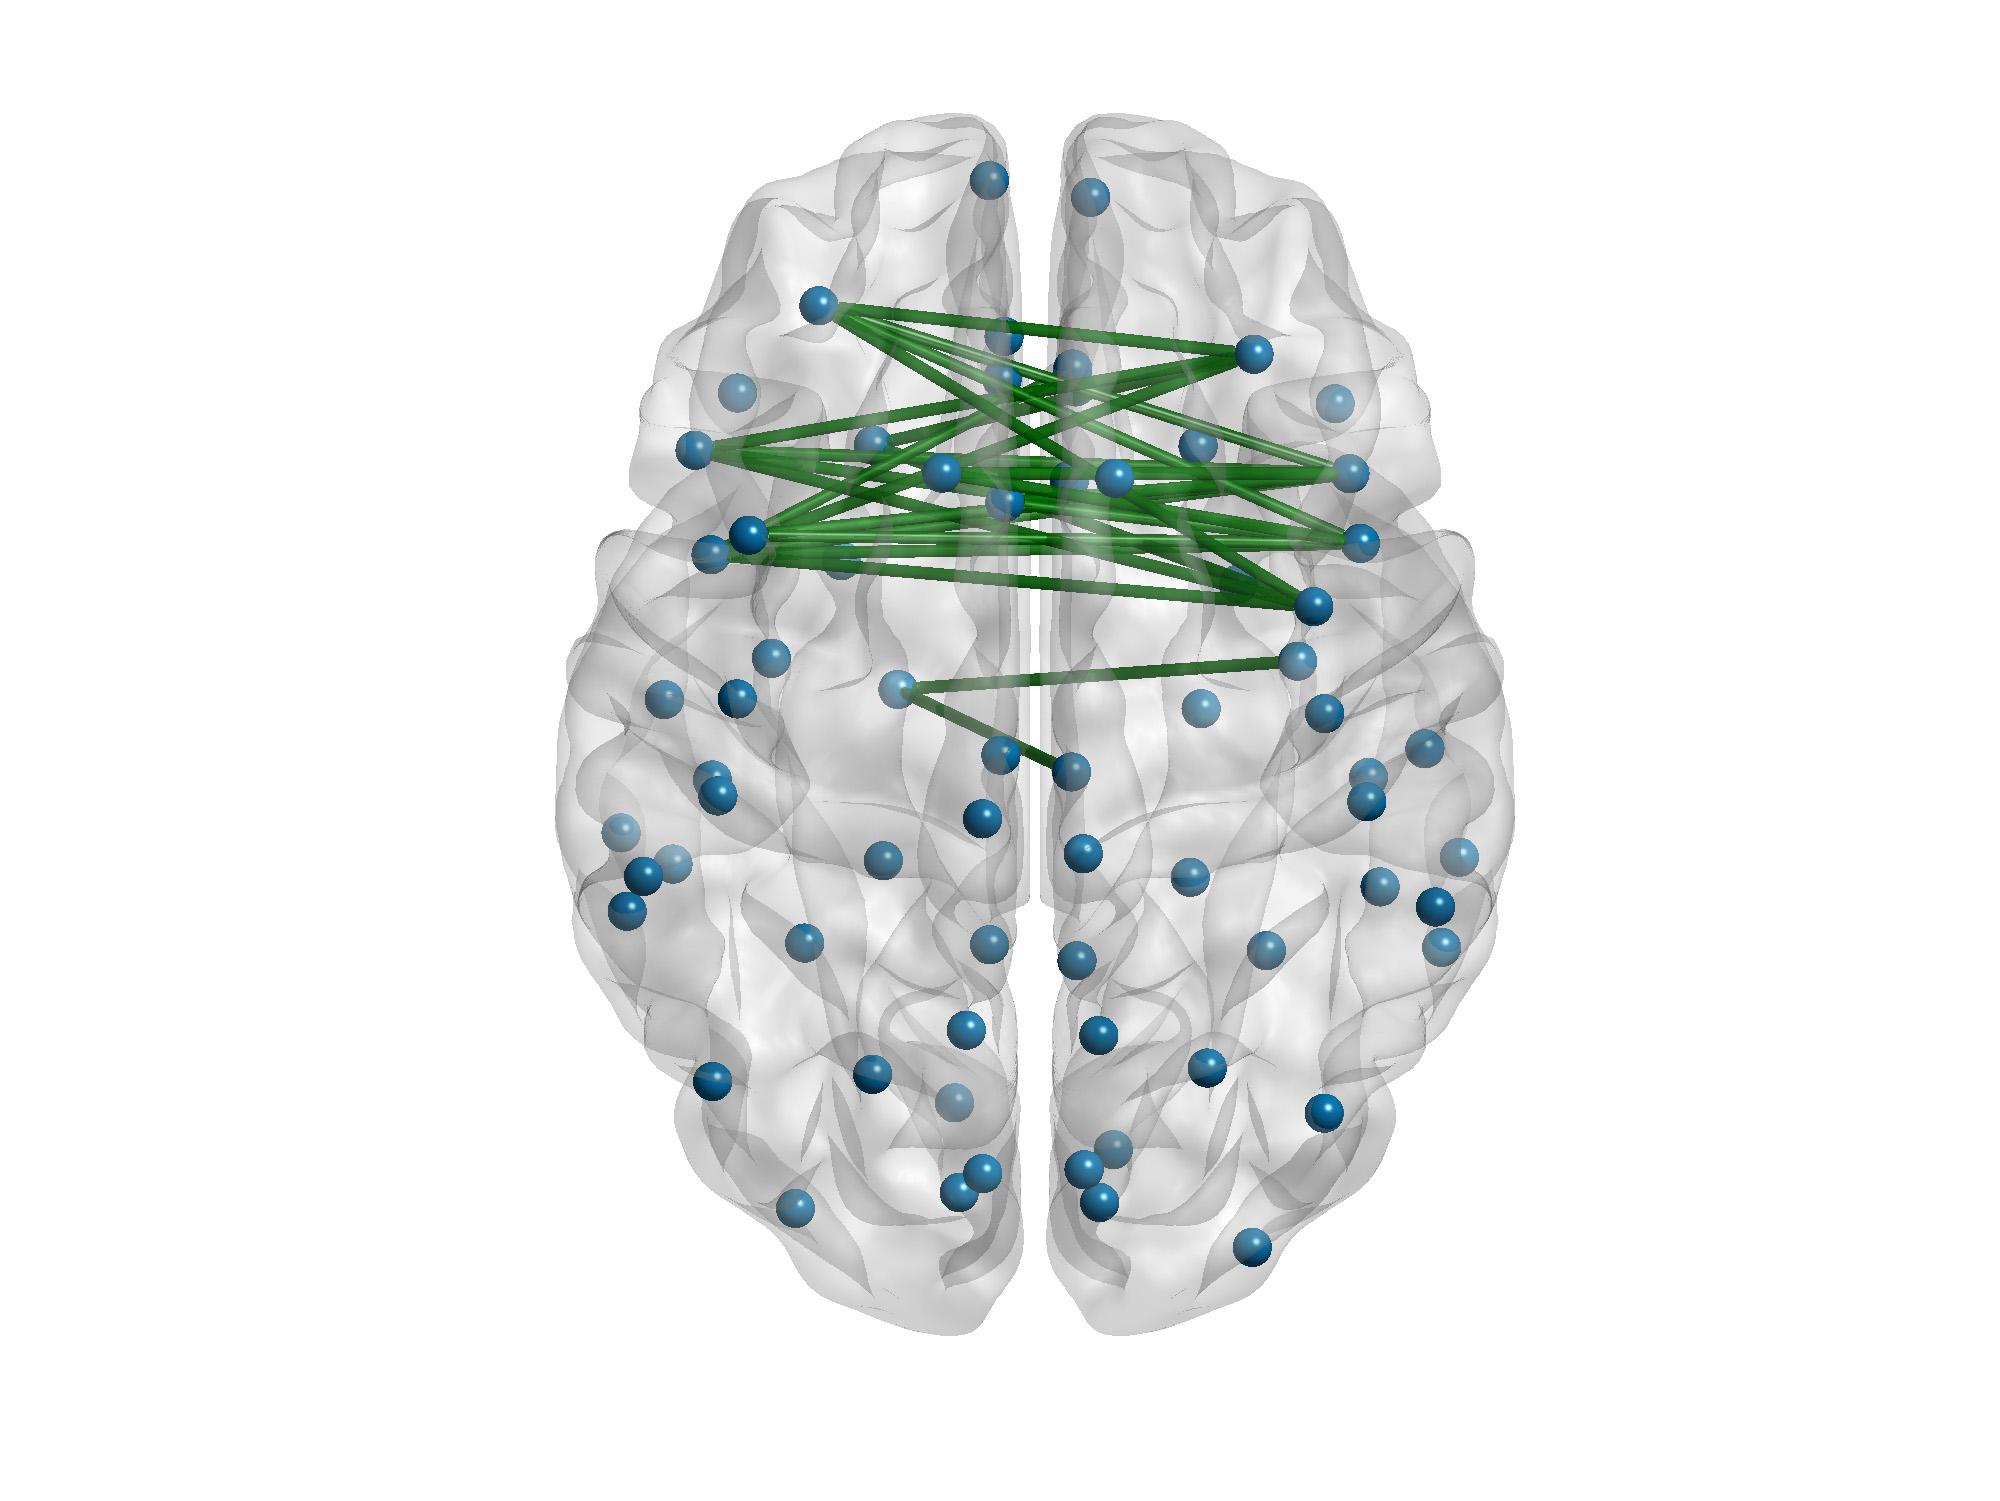 En verde, las conexiones de la creatividad. Imagen: Daniele Durante, University of Padova